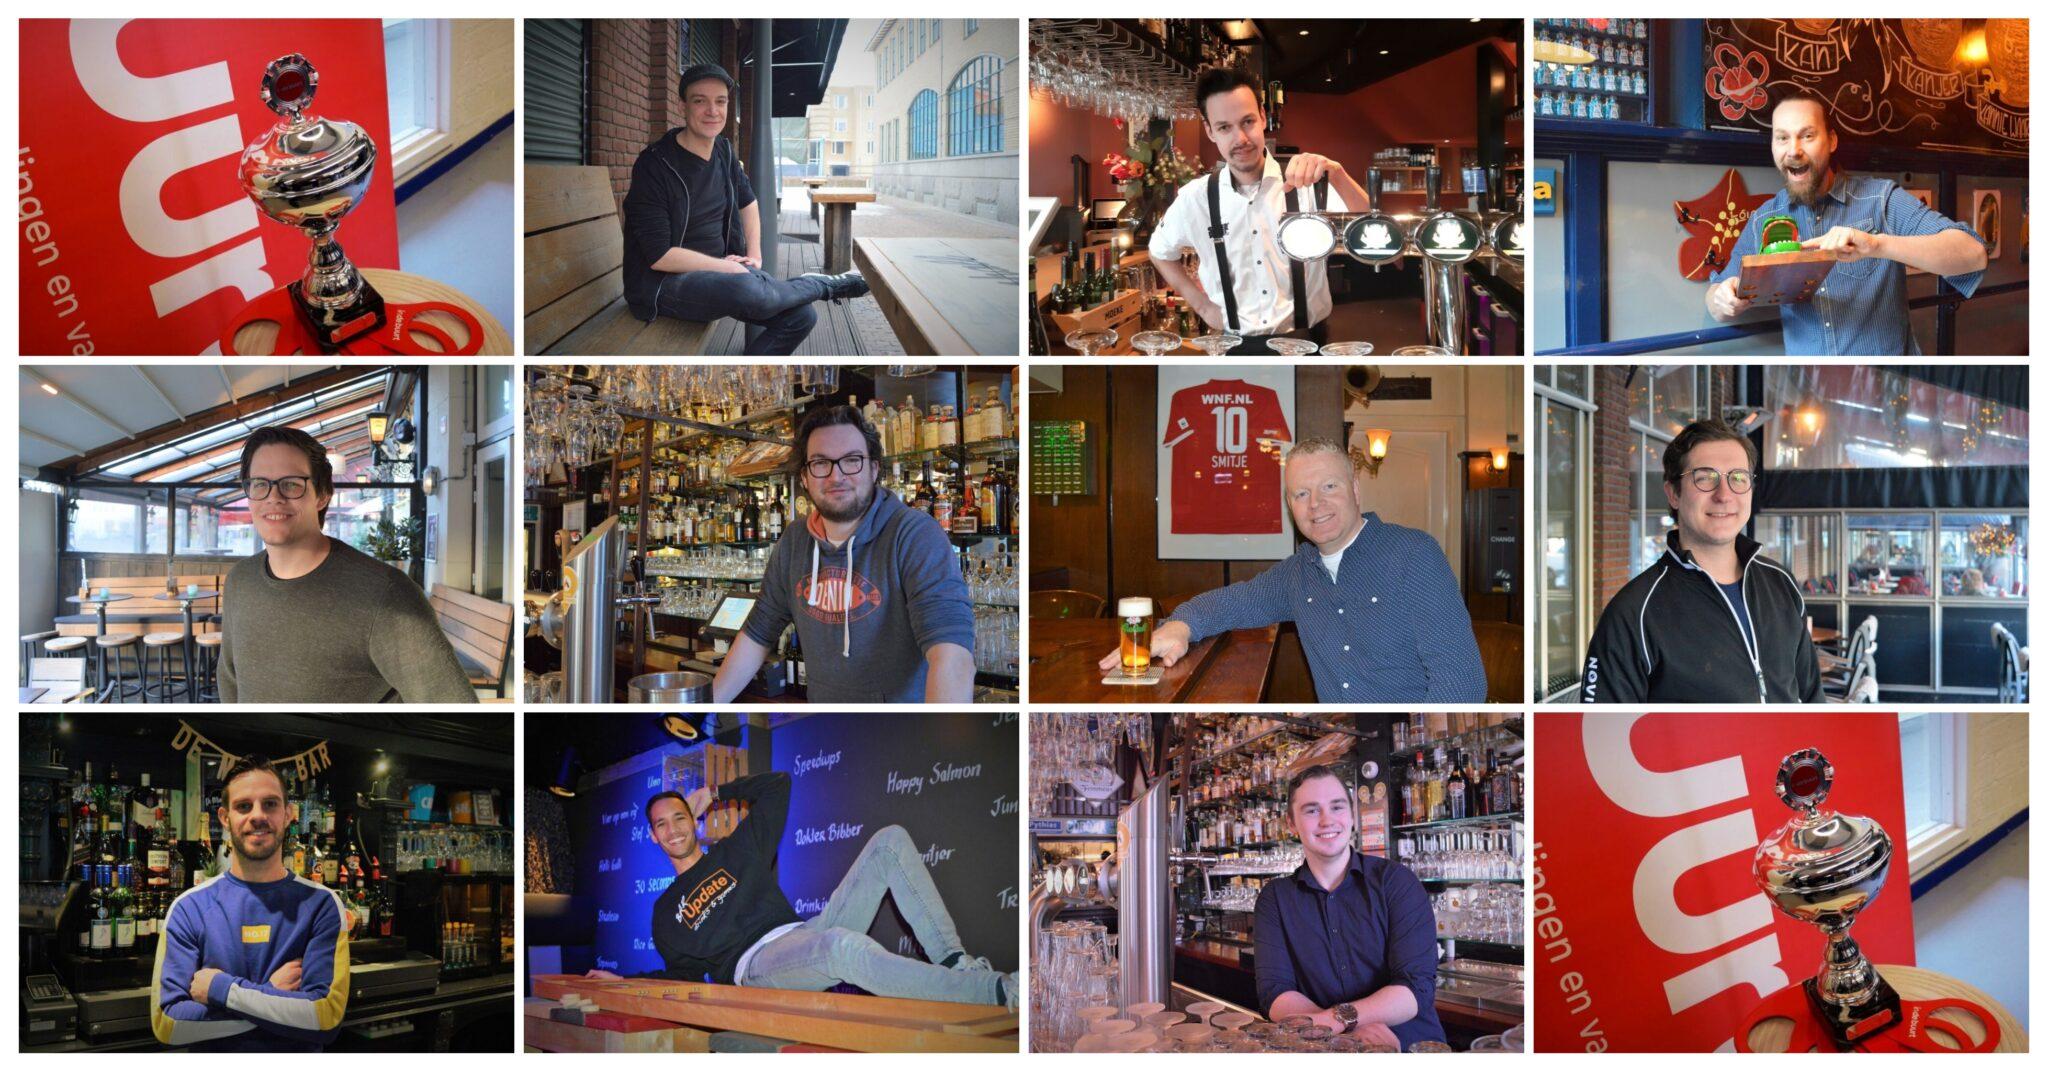 Beste barman van Enschede 2019